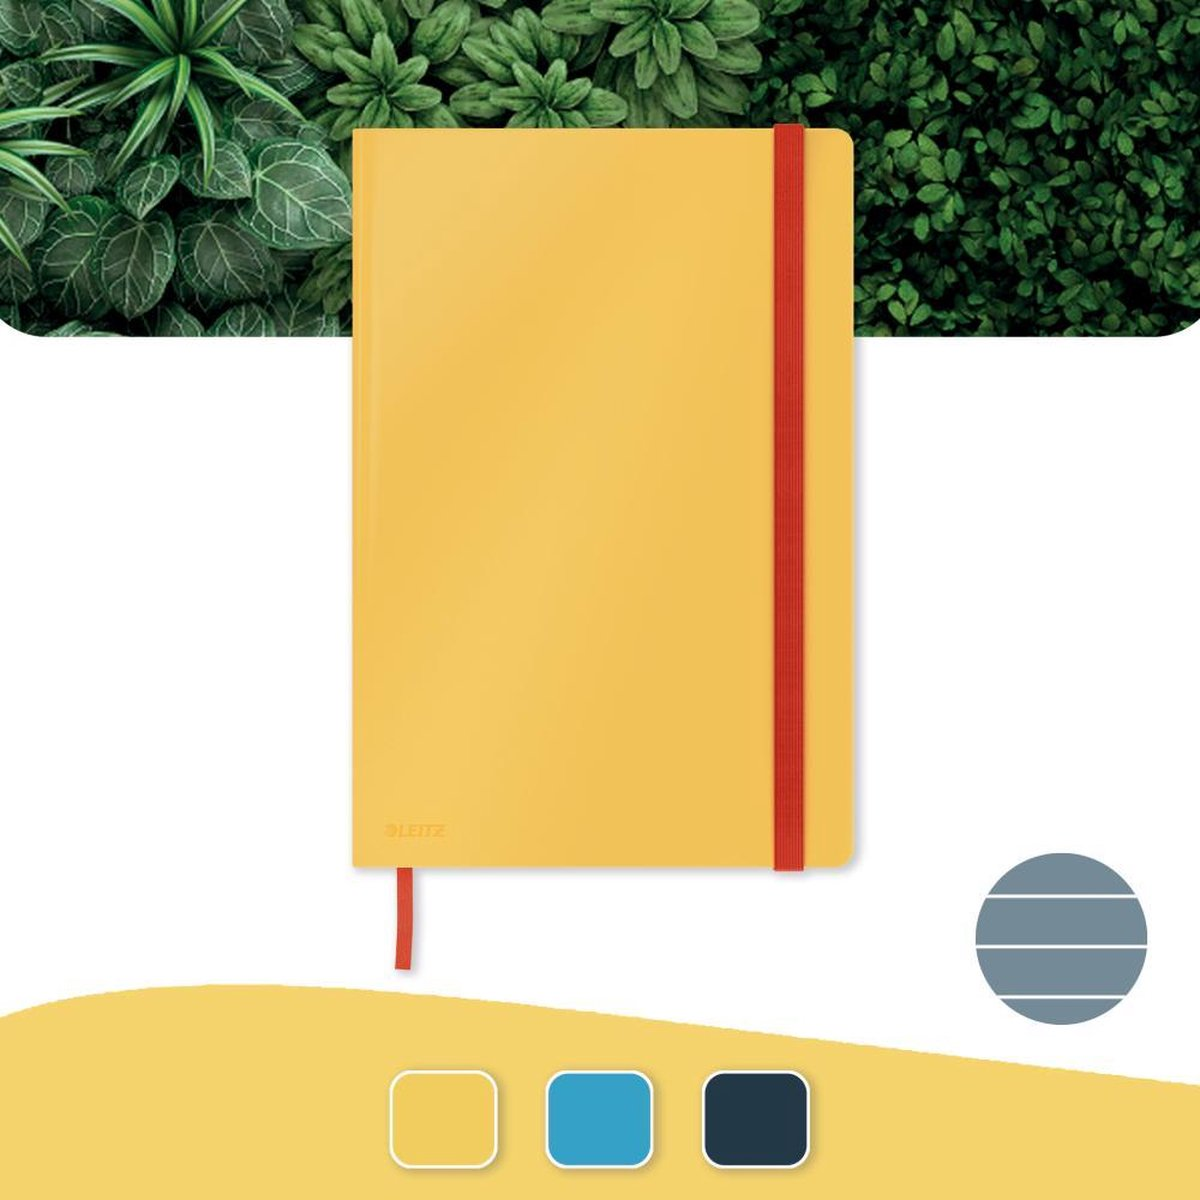 Leitz Cosy Notitieboek B5 Soft Touch Gelijnd - Notitieboek Hard Cover - Voor Kantoor En Thuiswerken - Warm Geel - Ideaal Voor Thuiskantoor